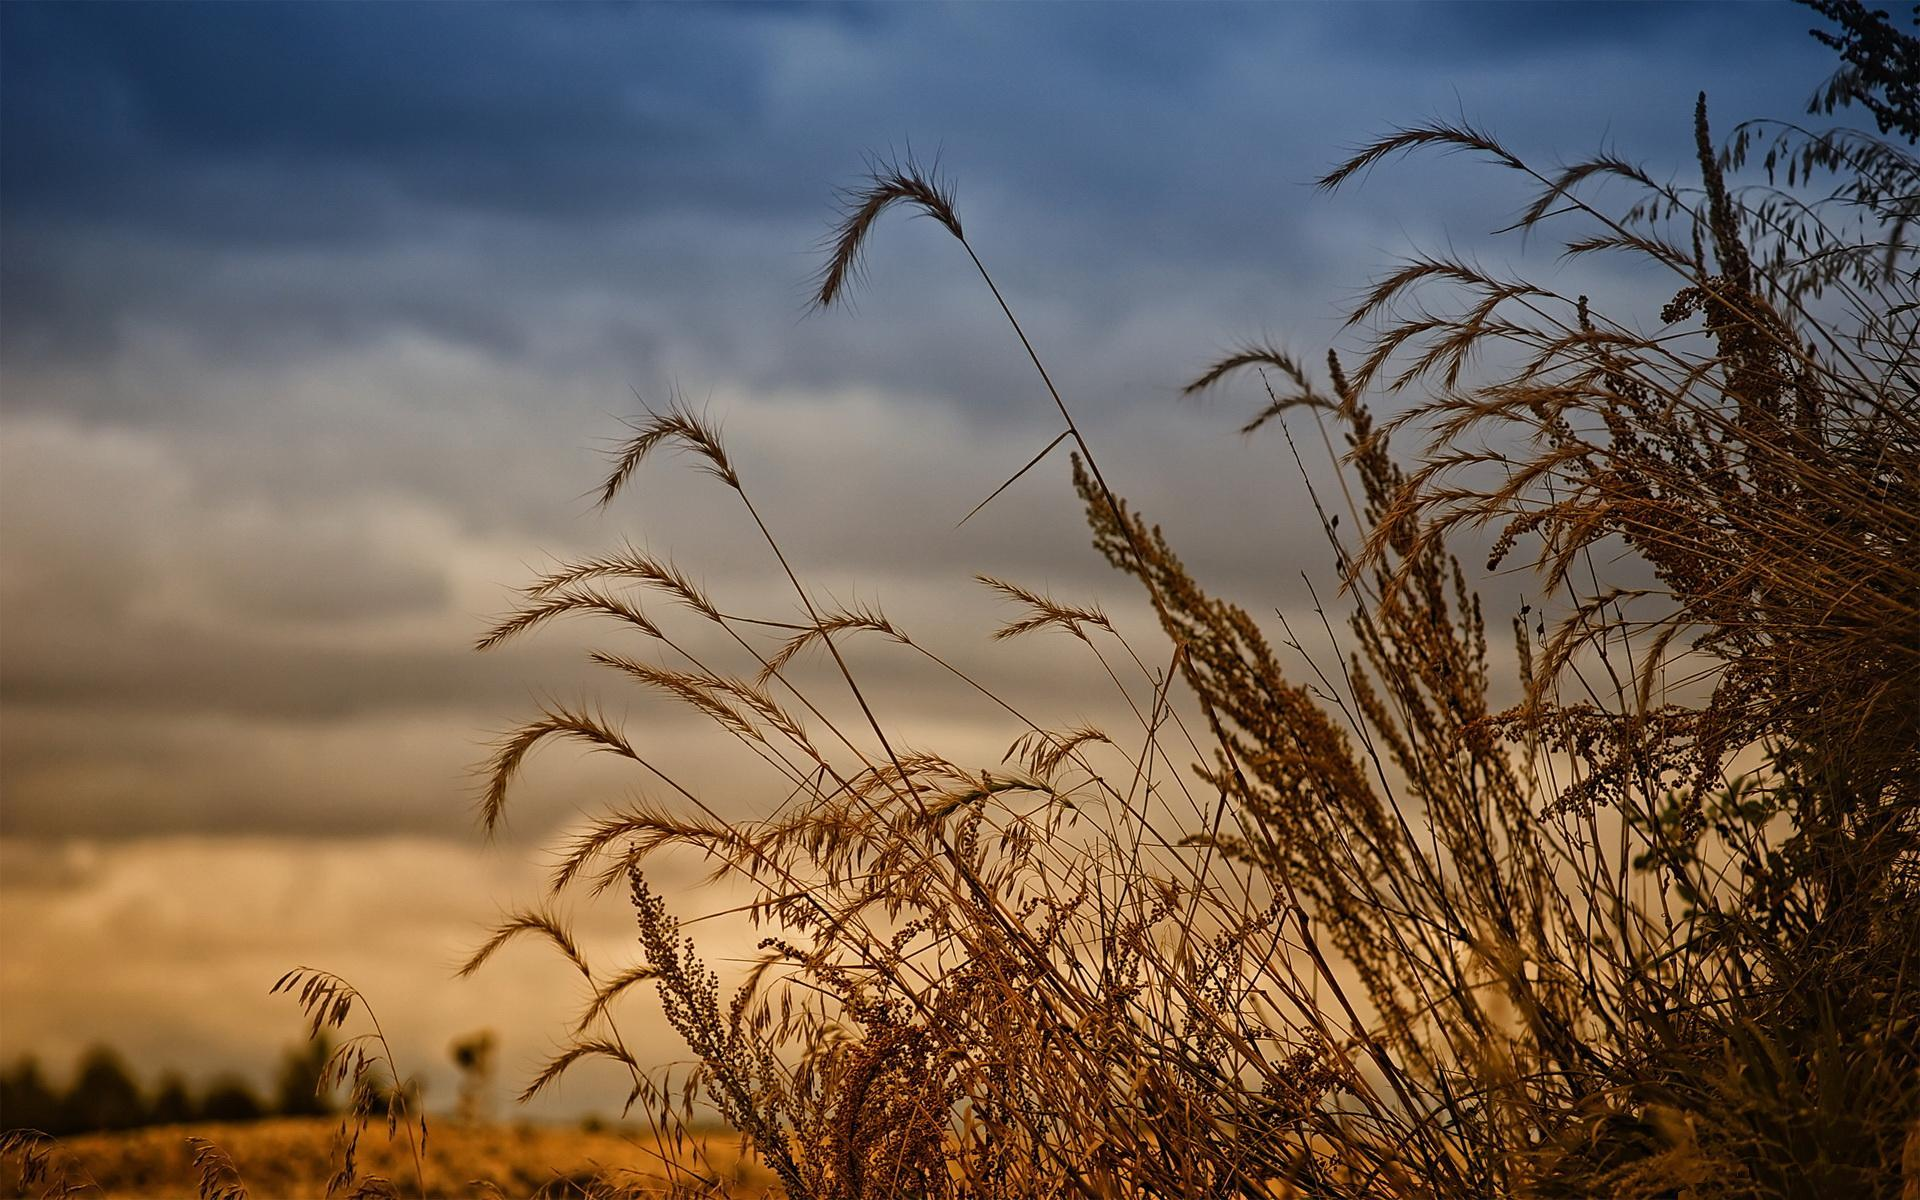 Buğday Başakları Manzarası